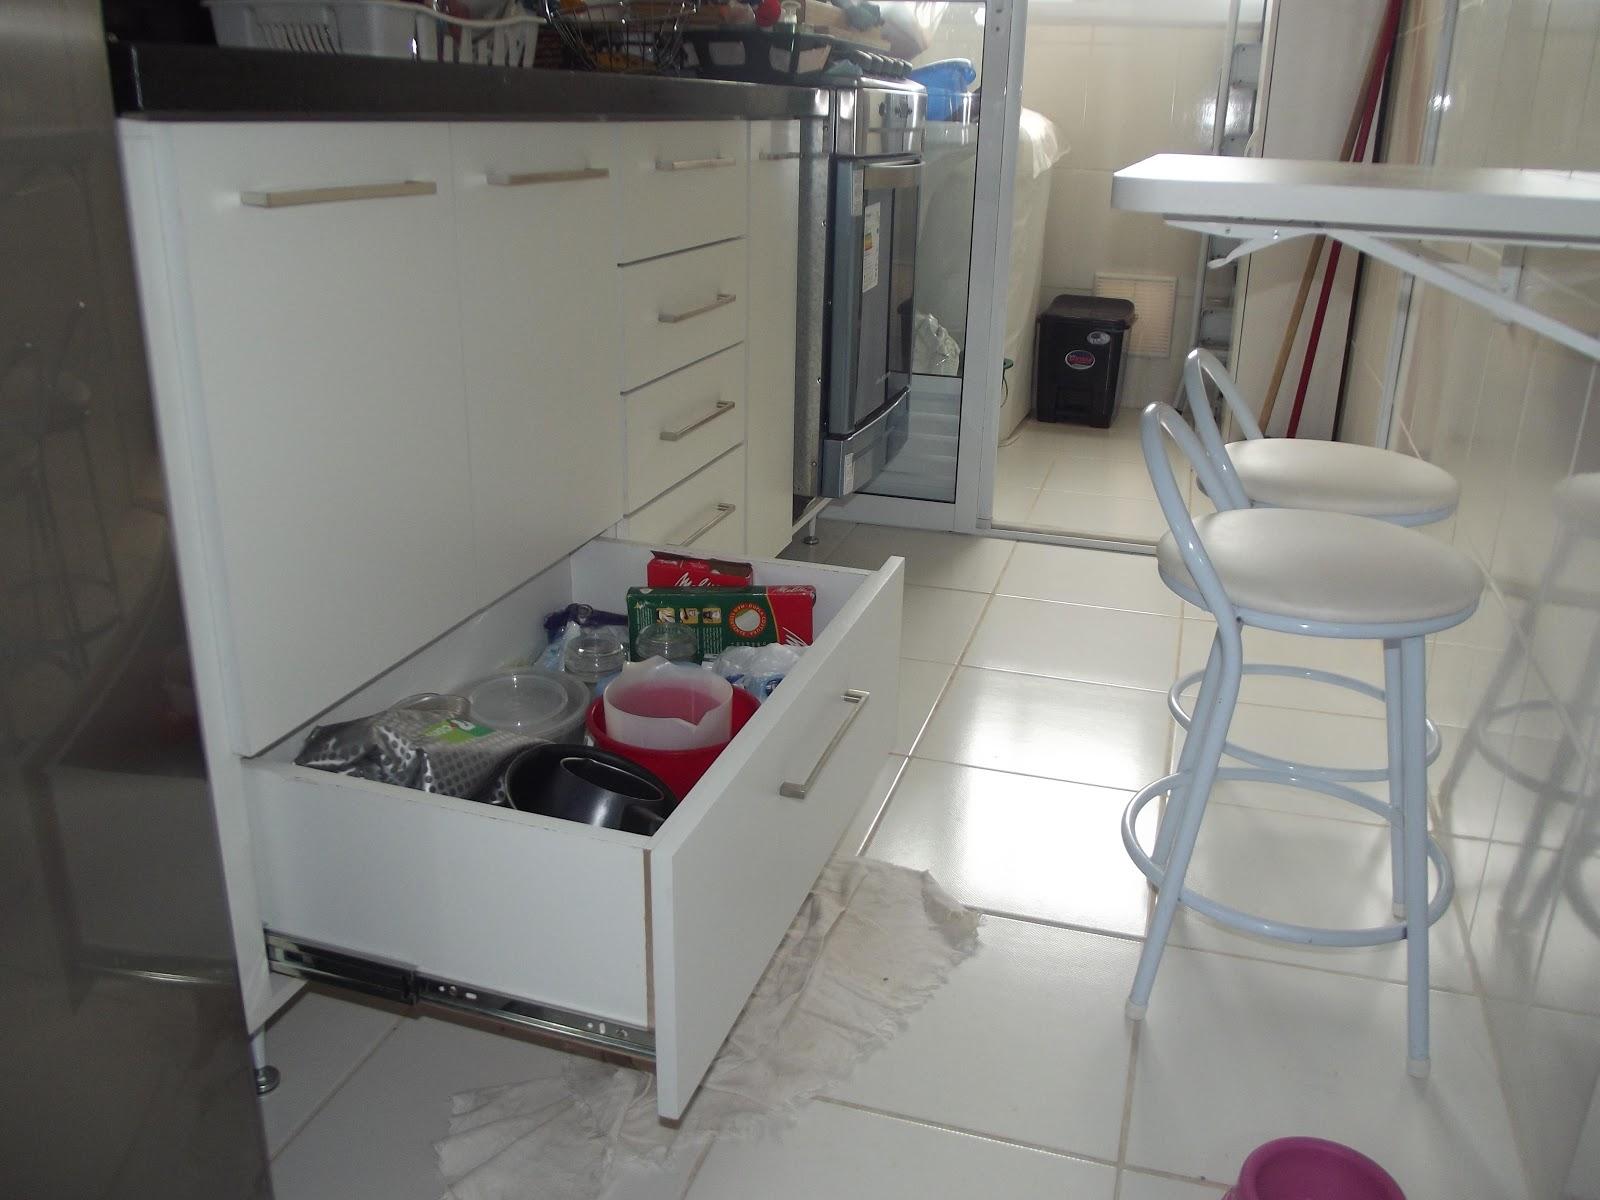 #63313C PROJETOS EM MADEIRA MACIÇA E MOVEIS SOB MEDIDA: Cozinha Banheiro e  1600x1200 px Projetos Modernos De Cozinha #839 imagens